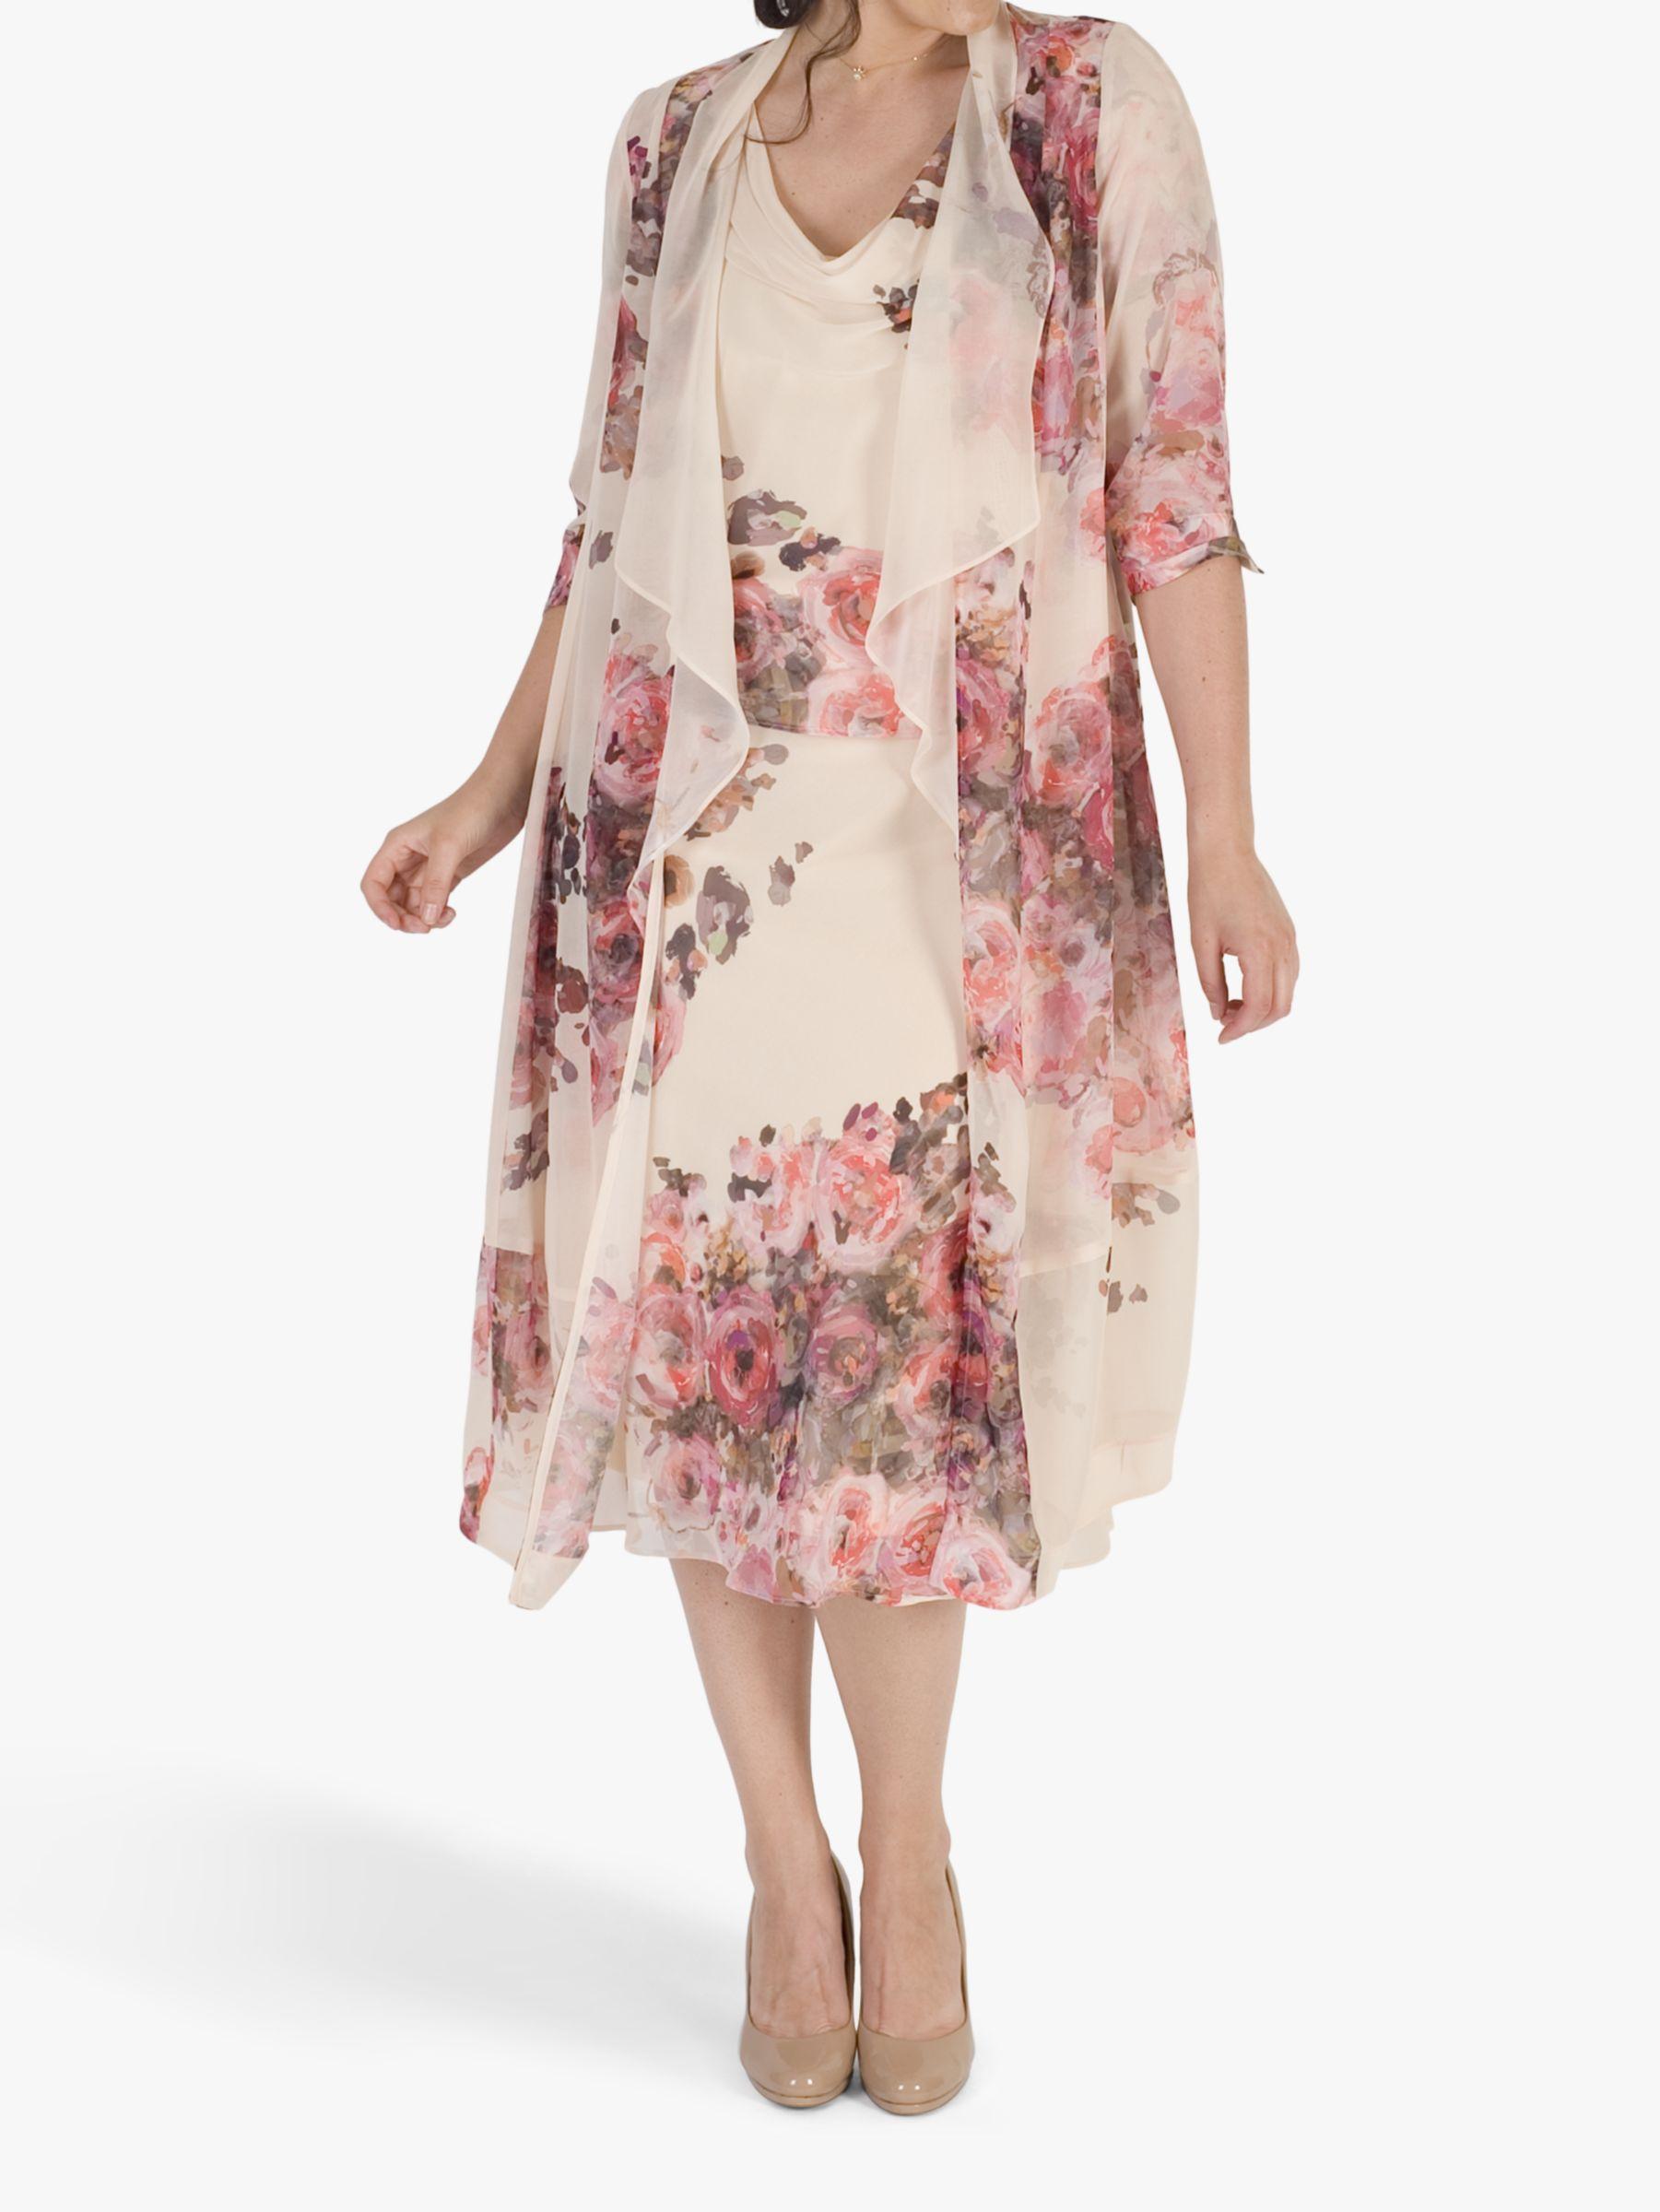 Chesca Chesca Floral Print Chiffon Coat, Apricot